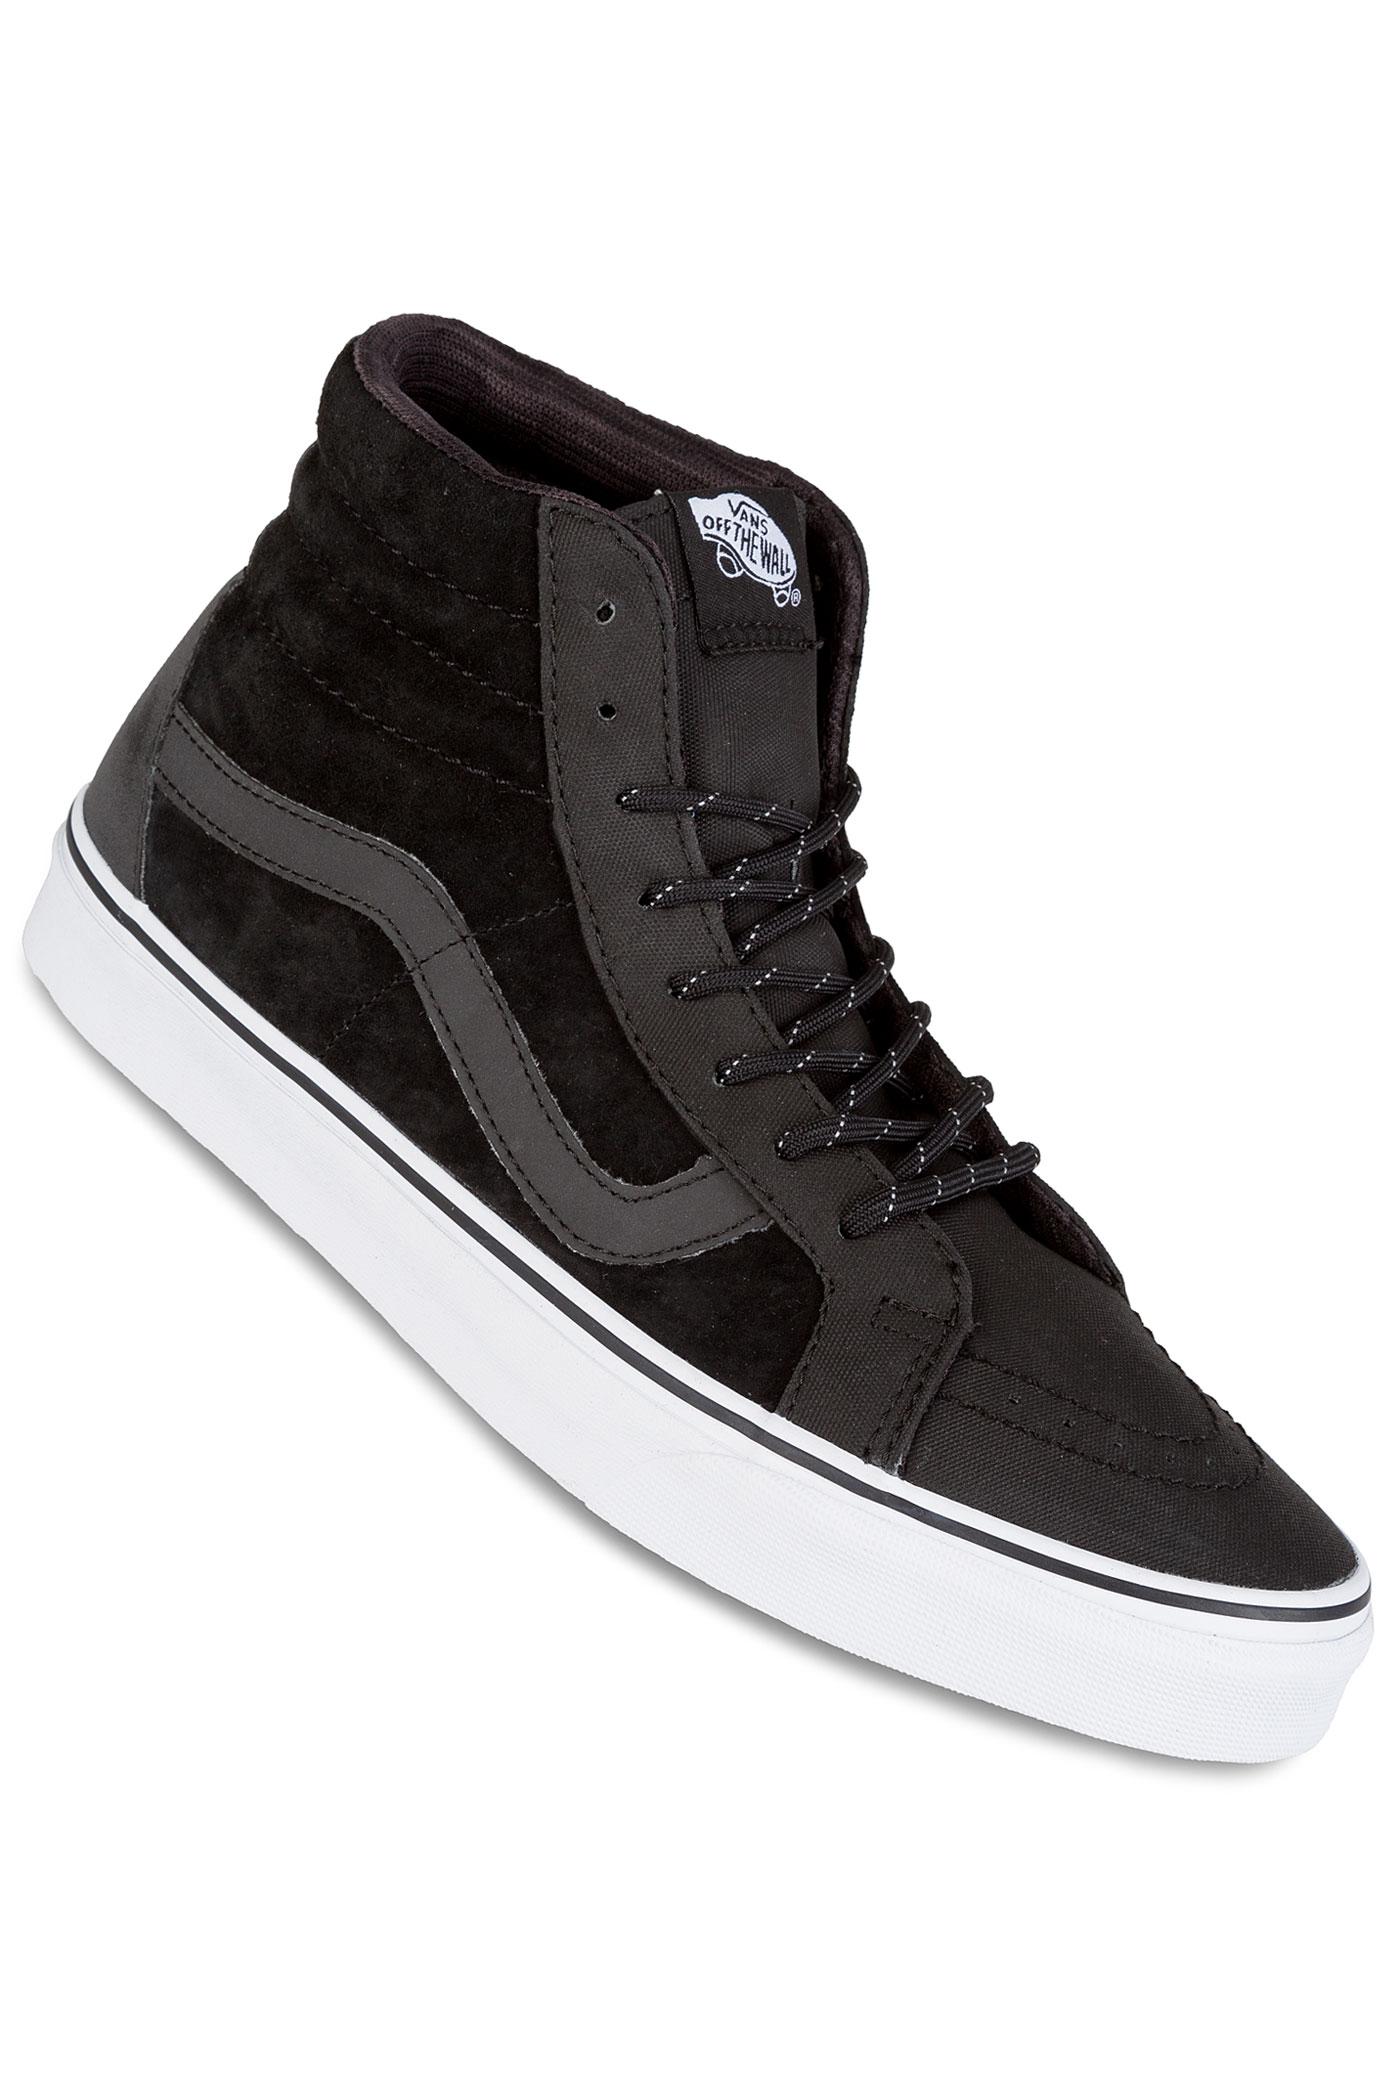 vans transit sk8 hi reissue dx shoes black reflective. Black Bedroom Furniture Sets. Home Design Ideas